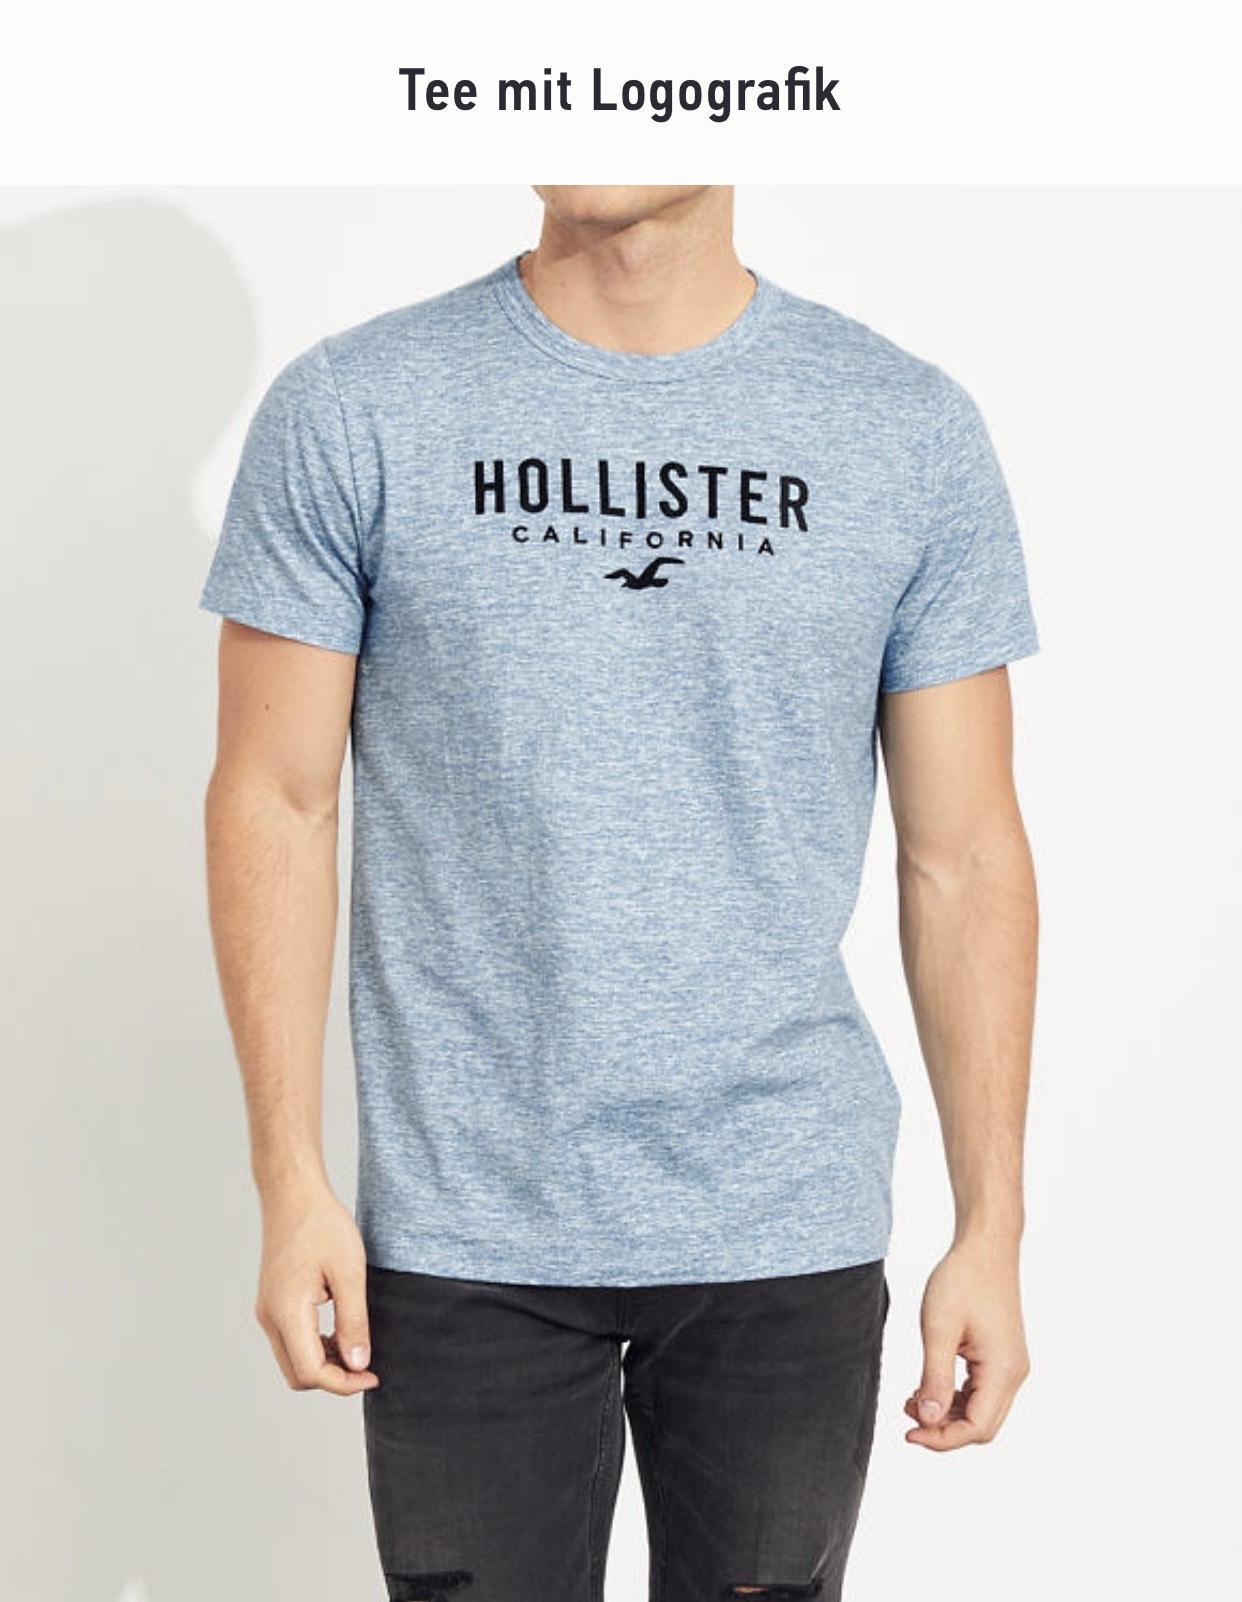 Bis zu 60% Rabatt im Sale bei Hollister + Versand ab 25€ Kostenlos